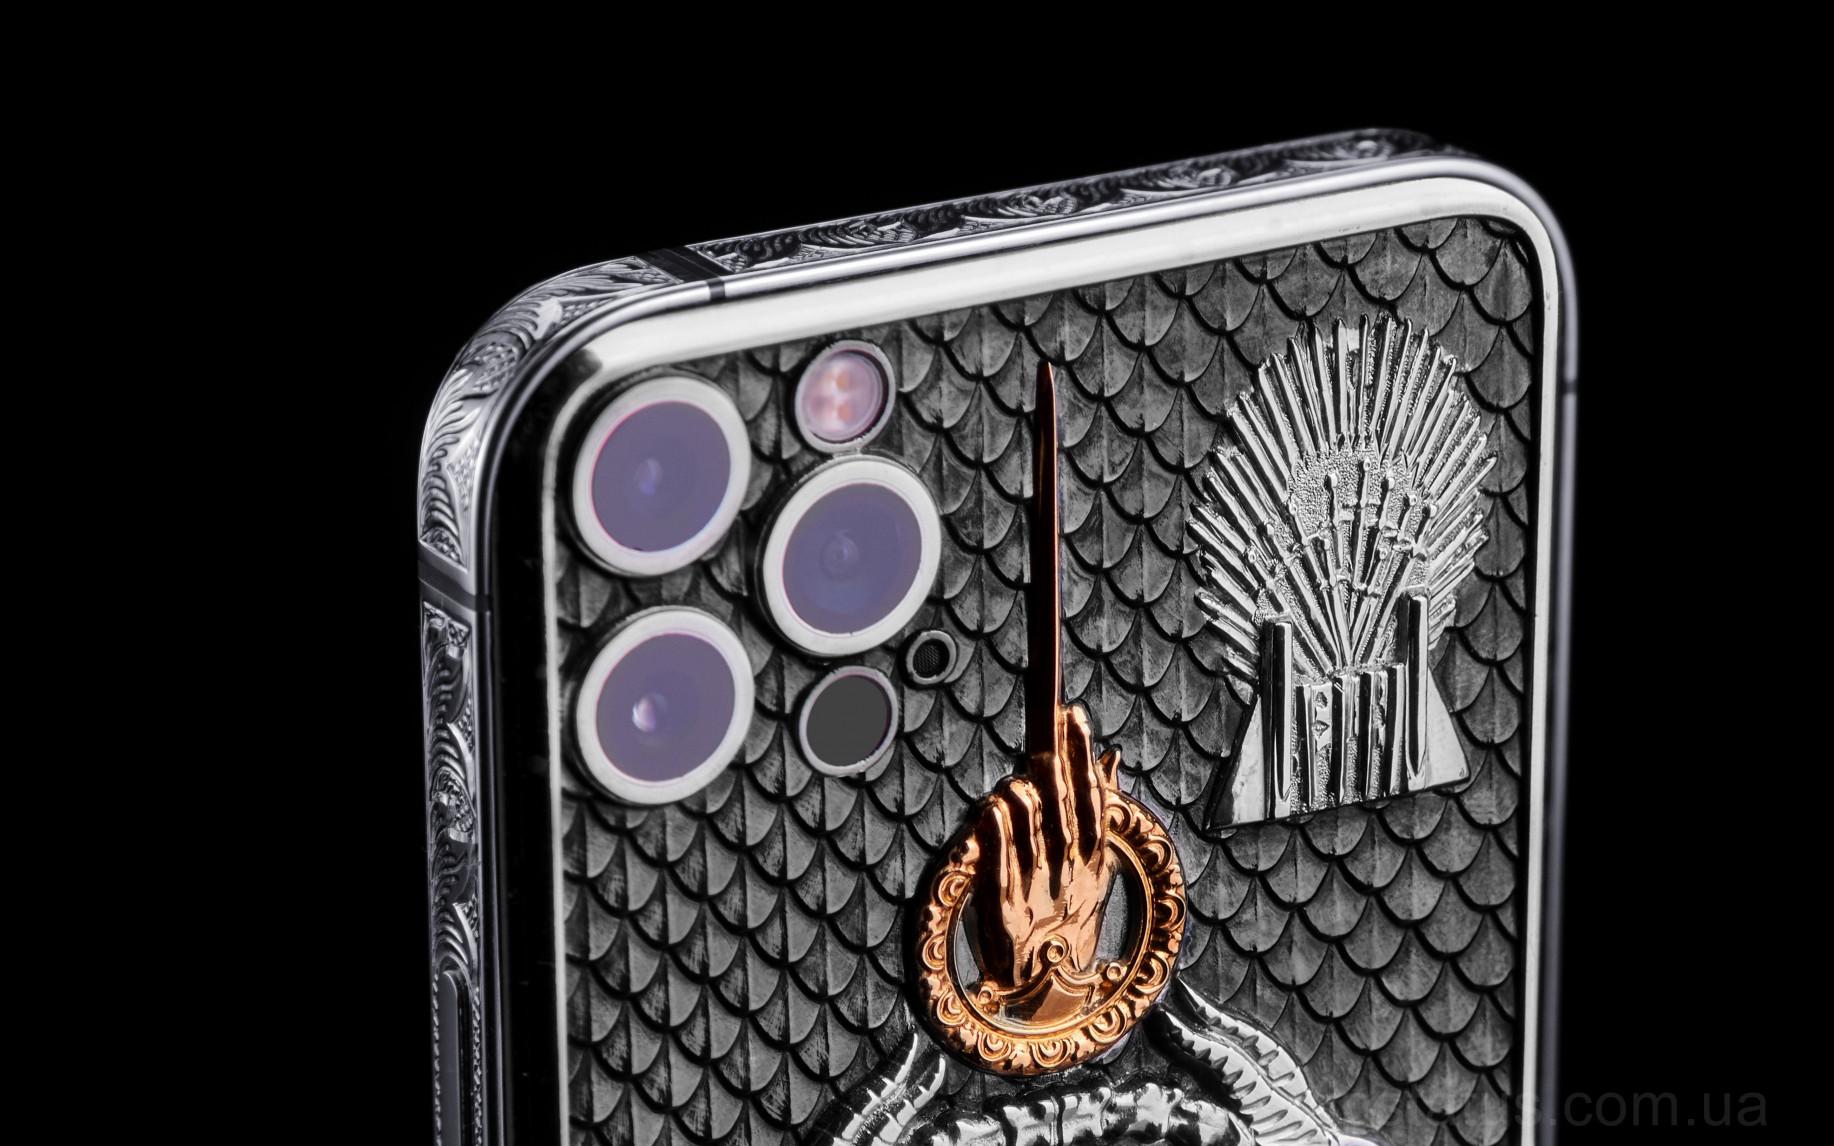 Elite Game of Thrones IPHONE 12 PRO MAX 512 GB Game of Thrones IPHONE 12 PRO MAX 512 GB image 5